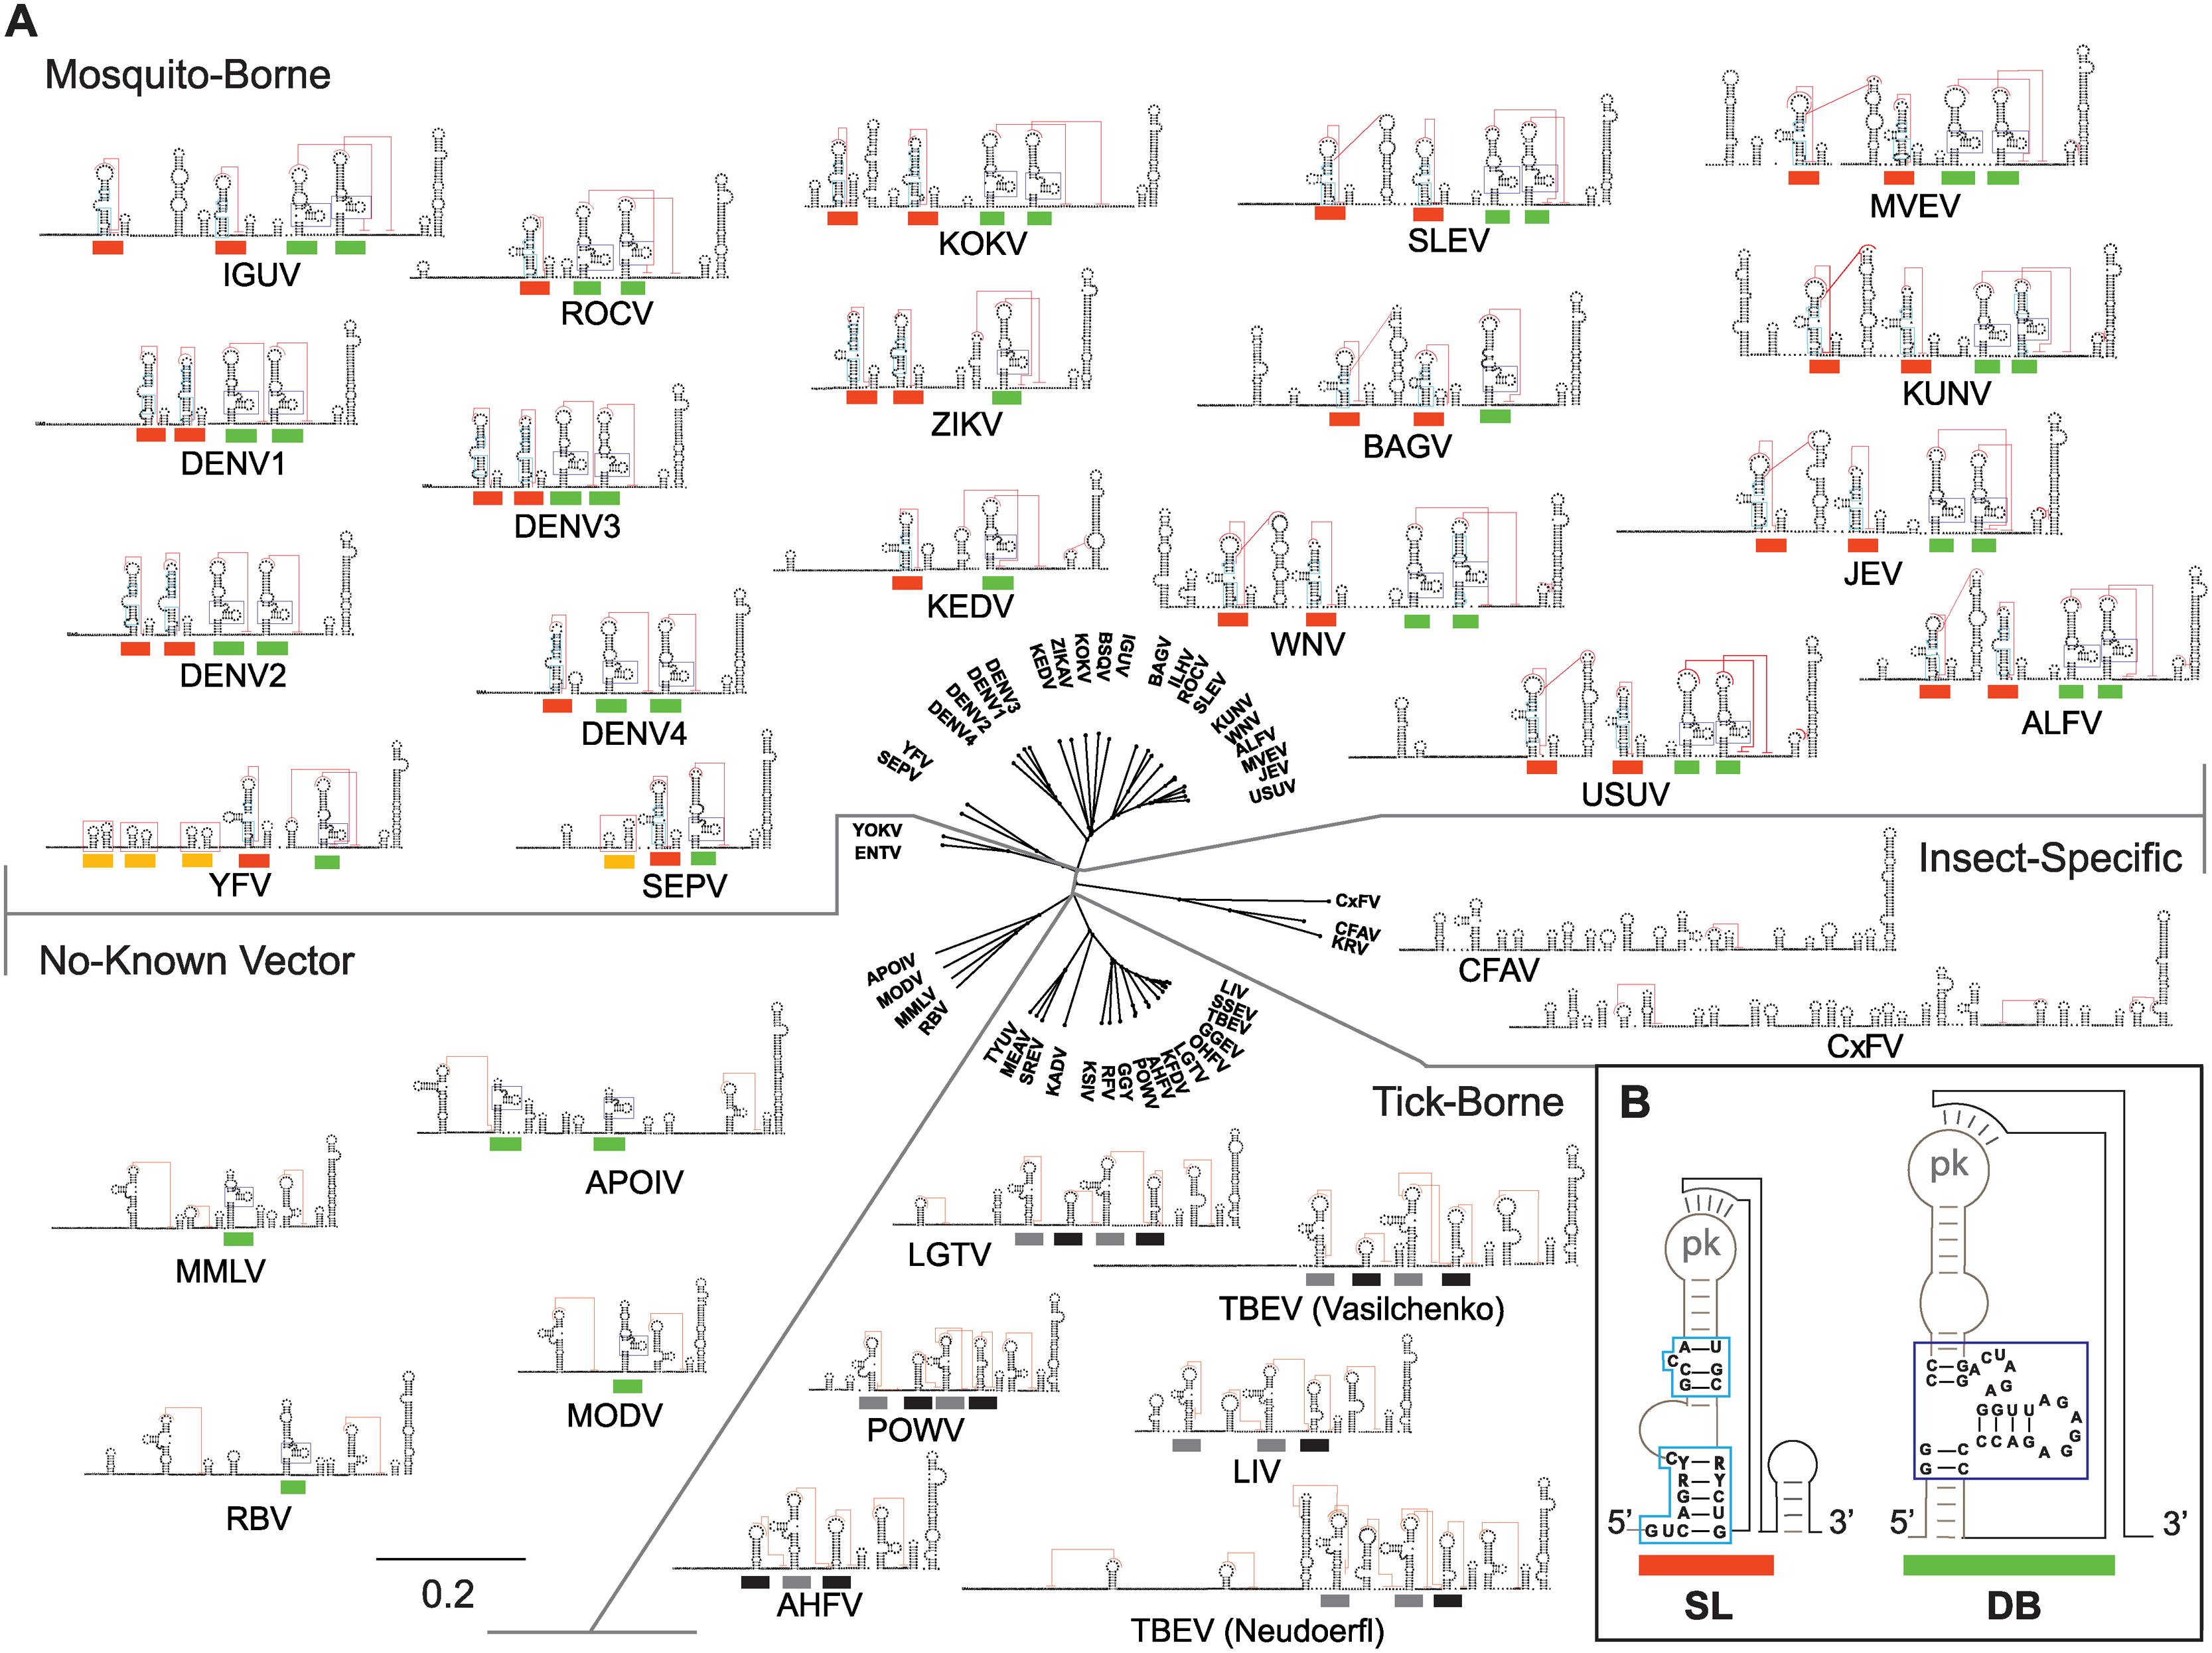 Models of flavivirus 3'UTR secondary RNA structures.